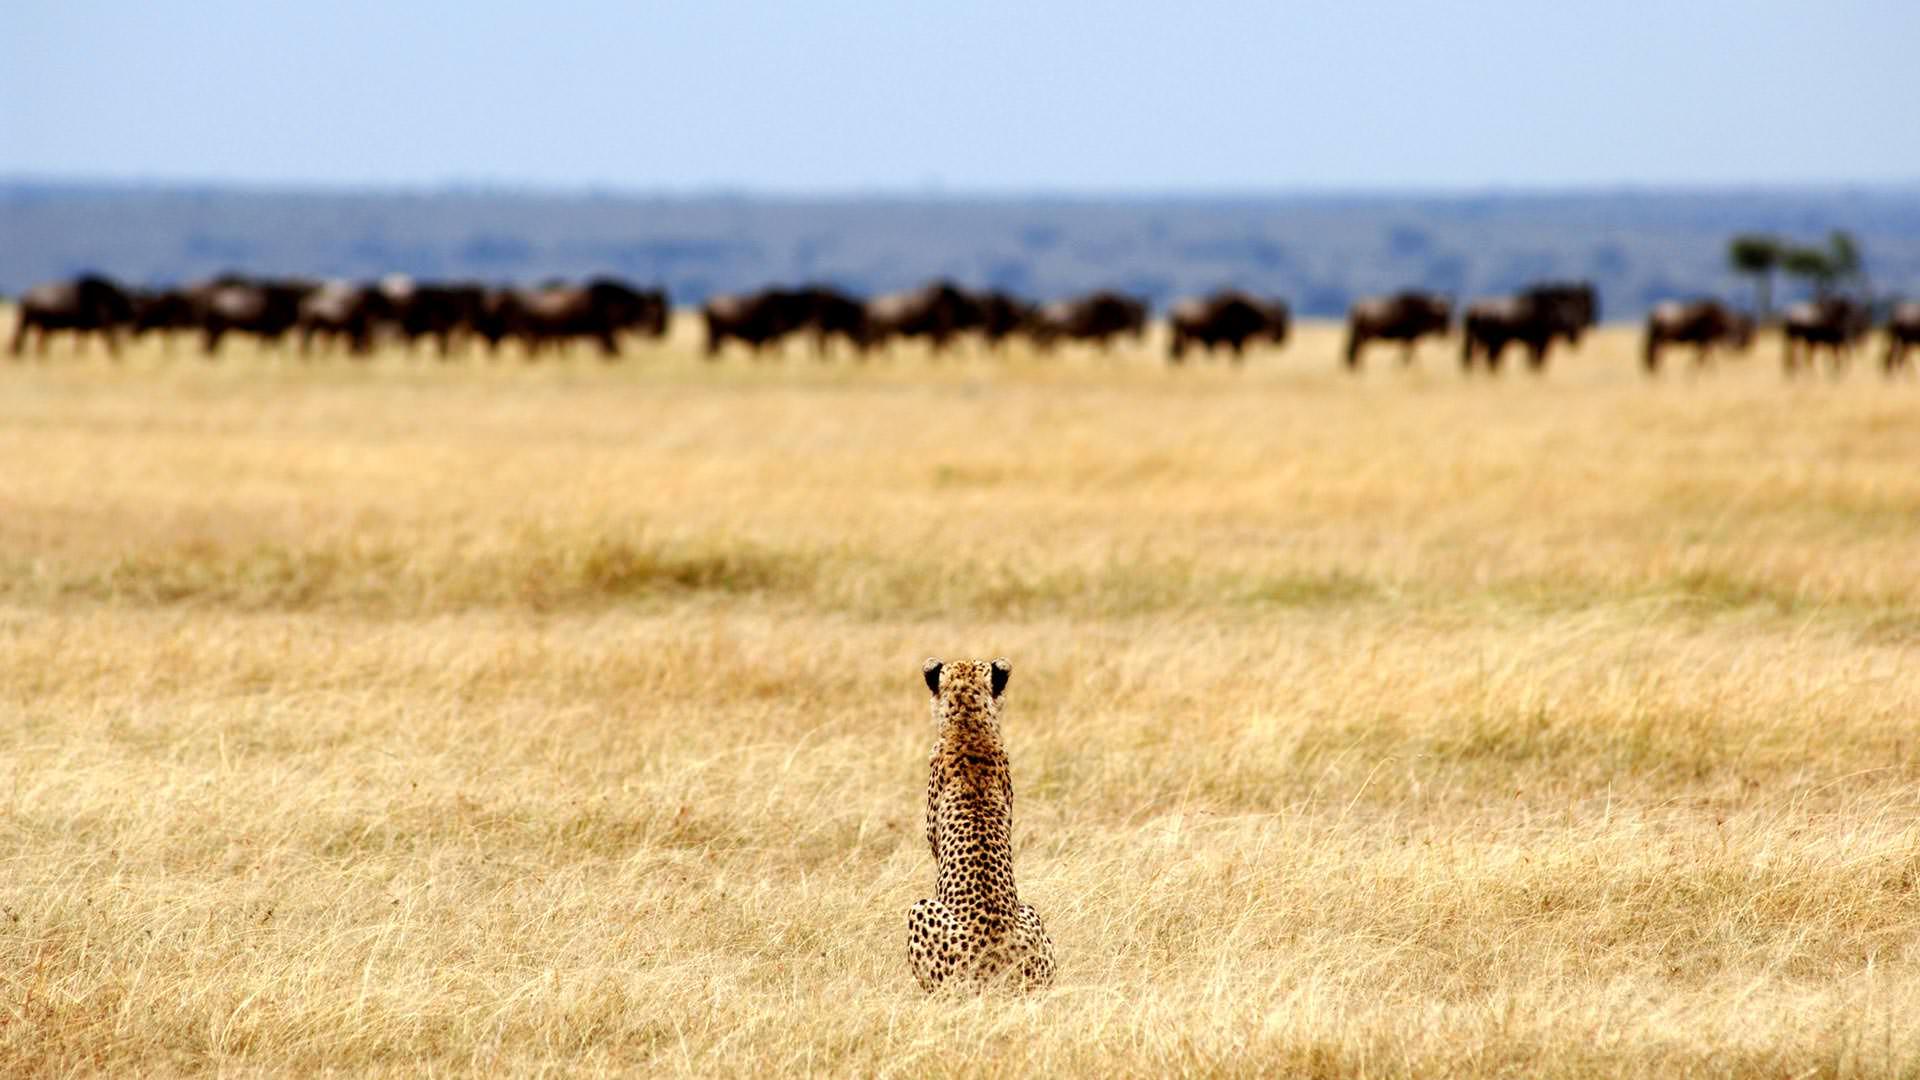 Safaris in Serengeti